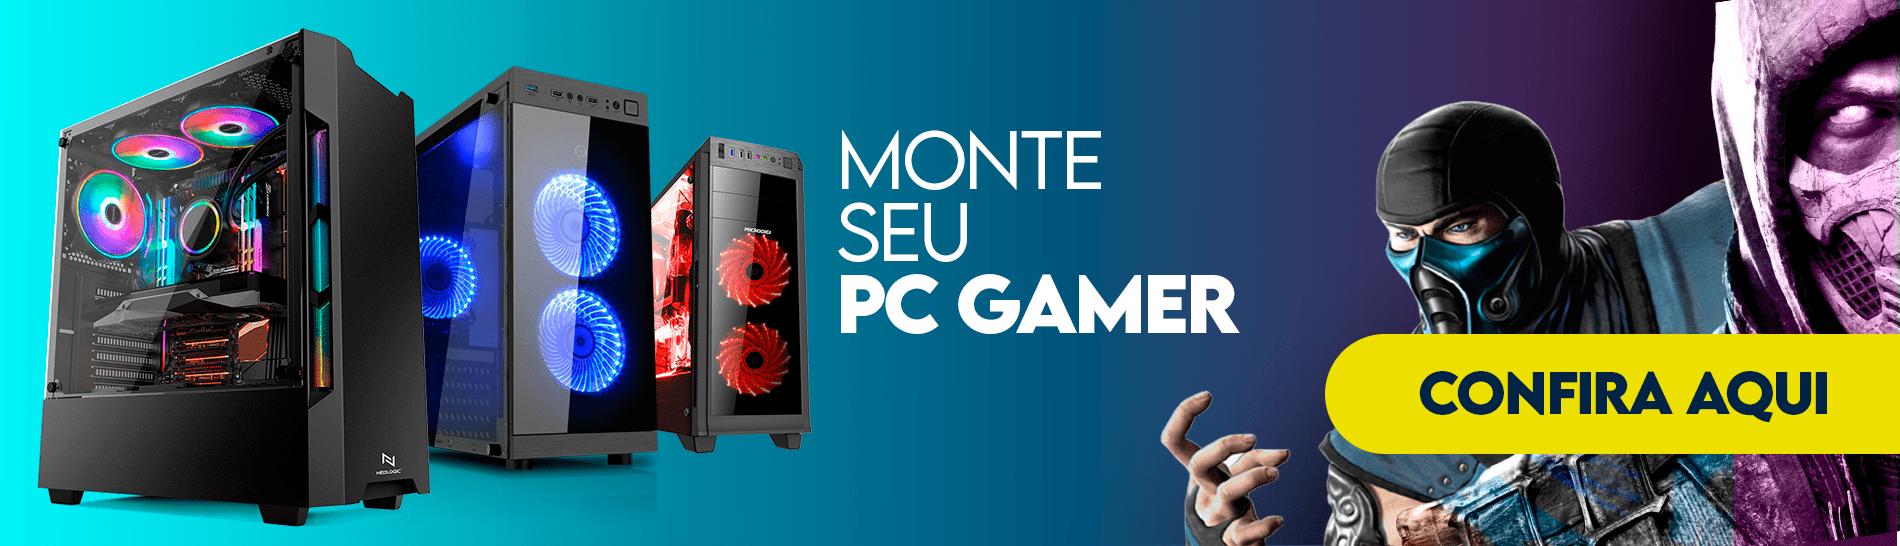 Desktops gamer